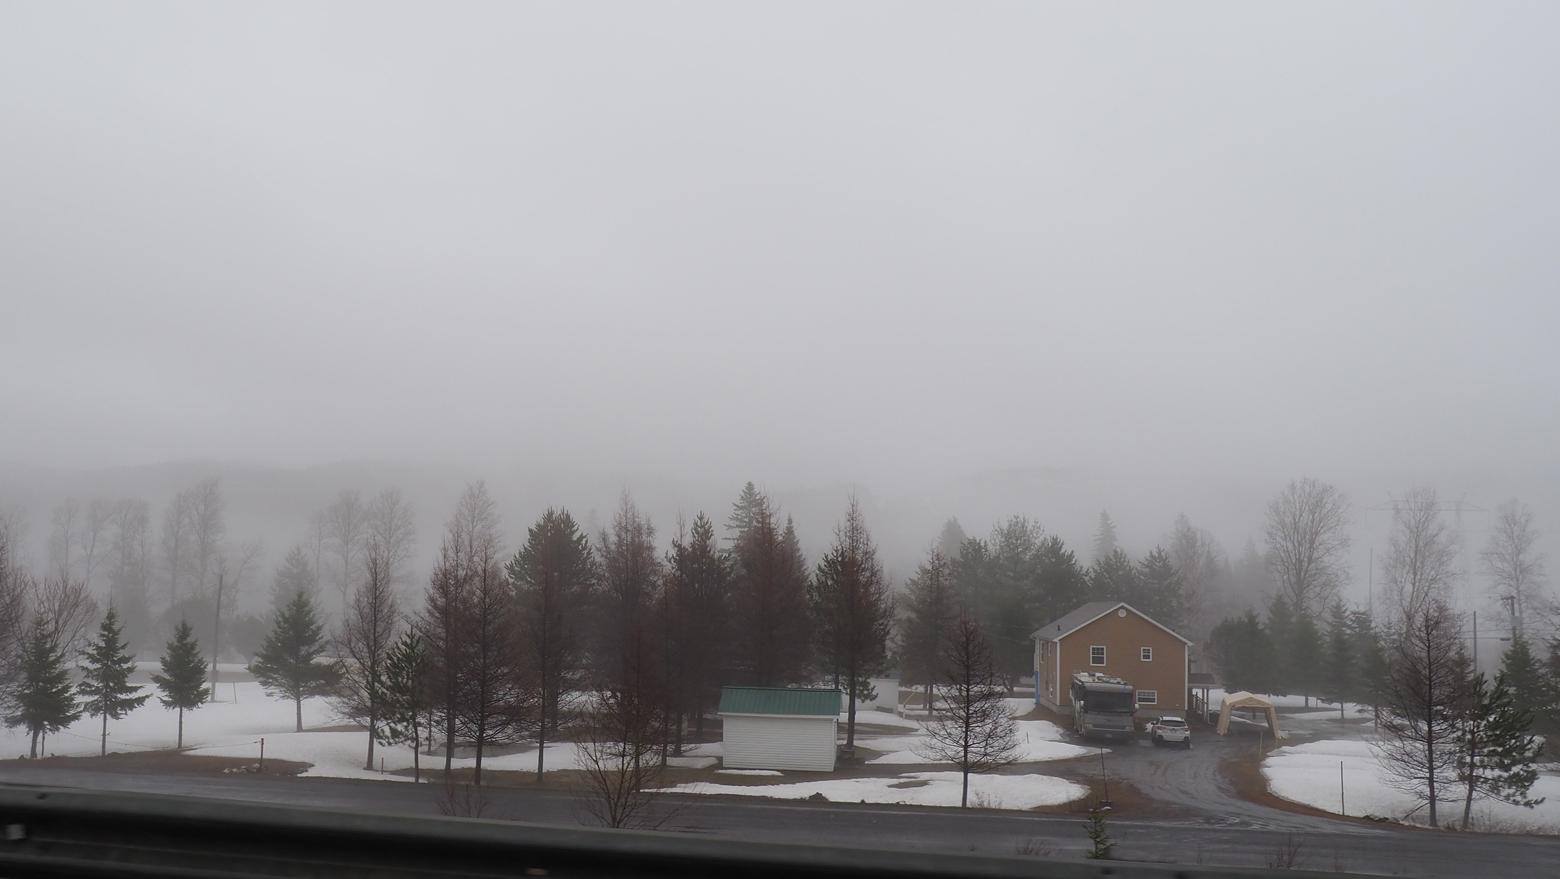 Schnee und schlechtes Wetter in New Brunswick